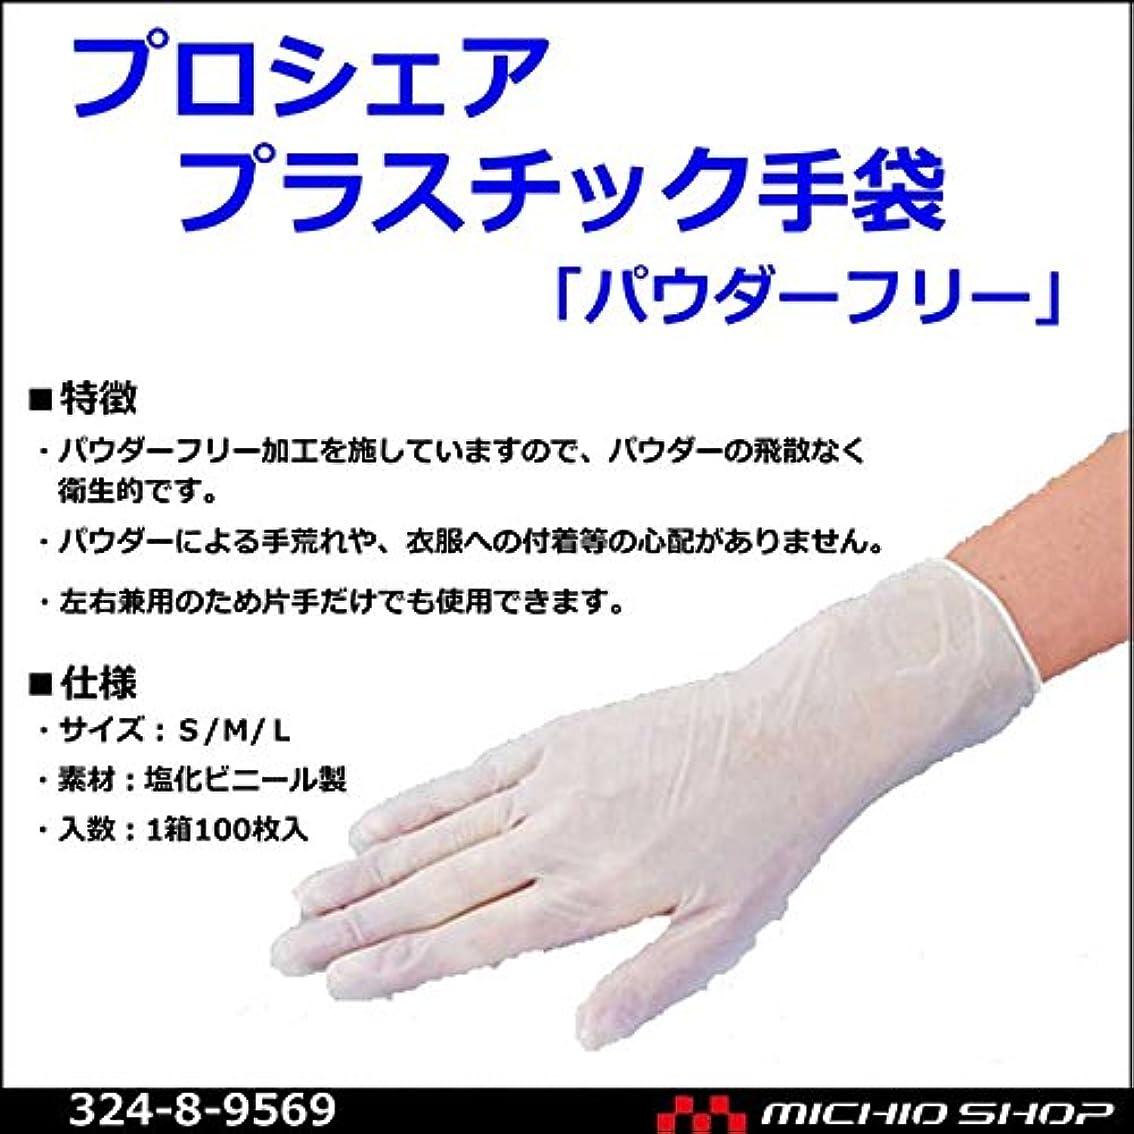 大気読書をする送ったアズワン プロシェアプラスチック手袋 100枚入 8-9569 04 SS